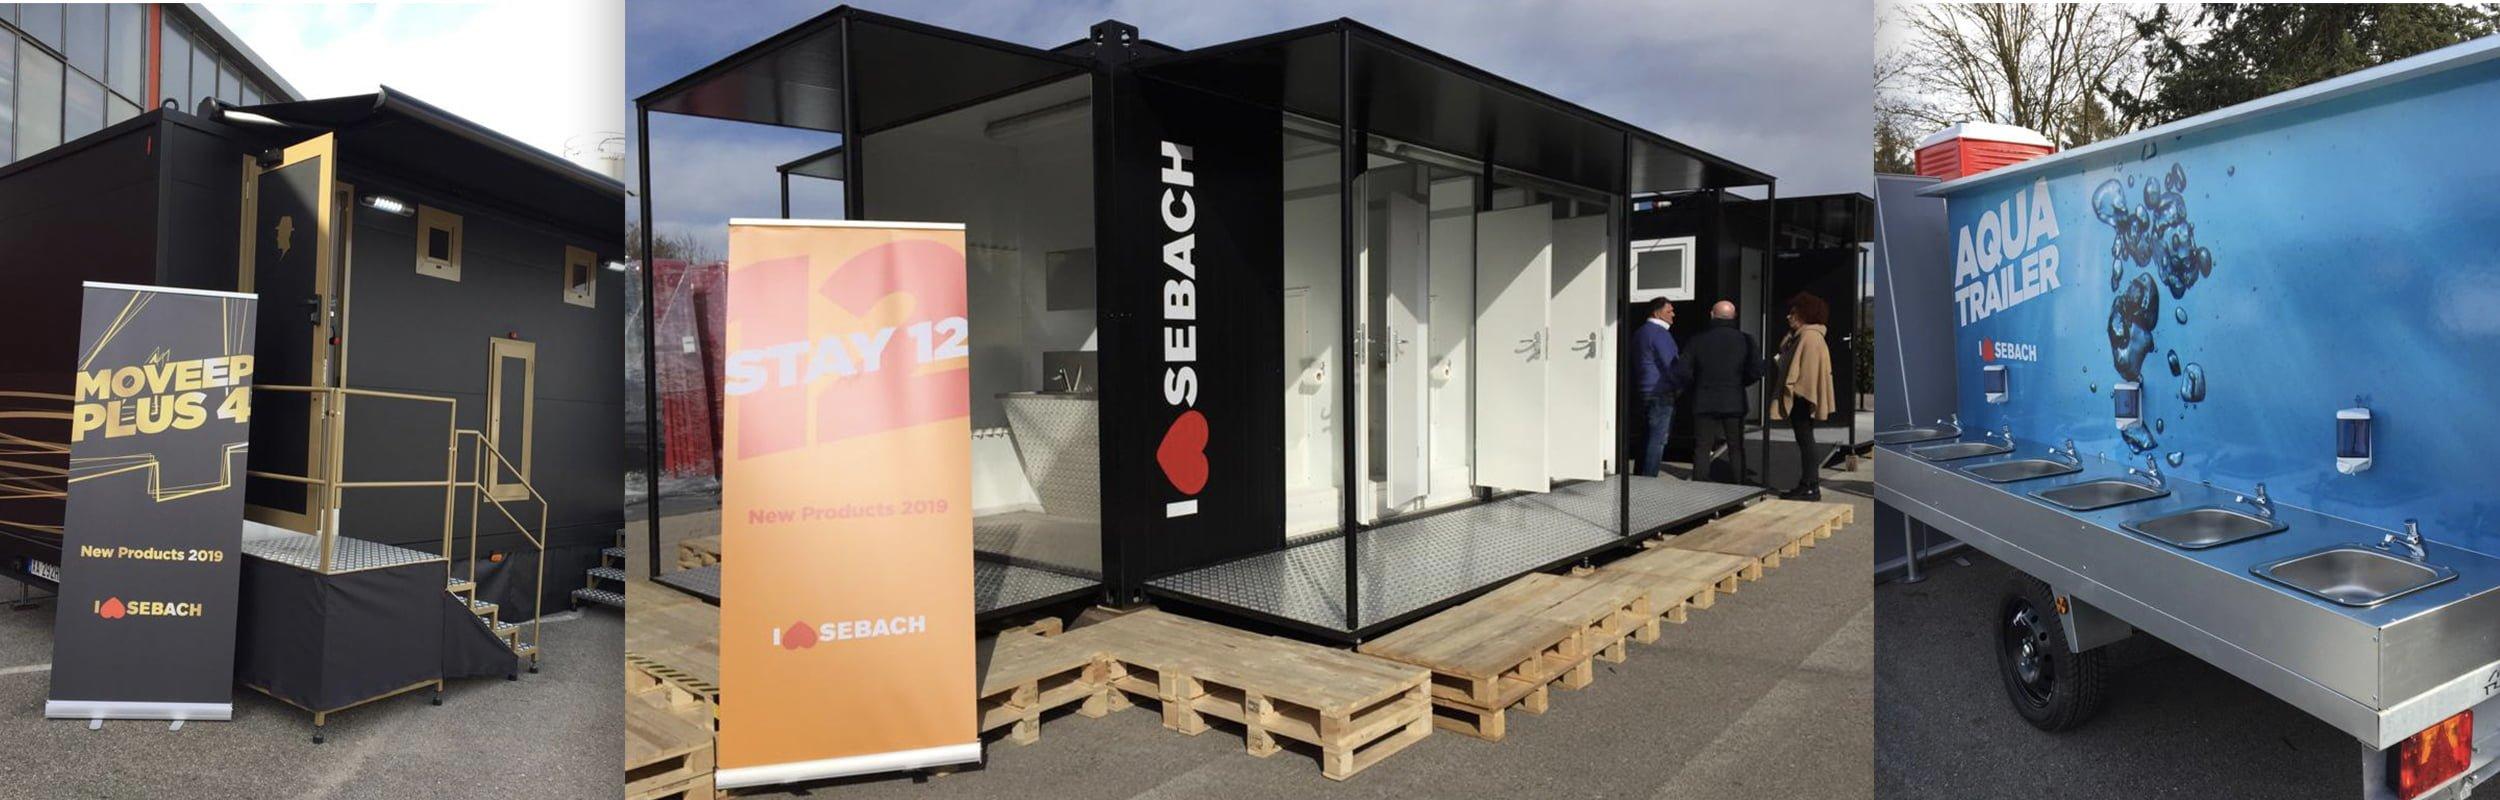 Sebach investe 6 milioni di euro nel 2019